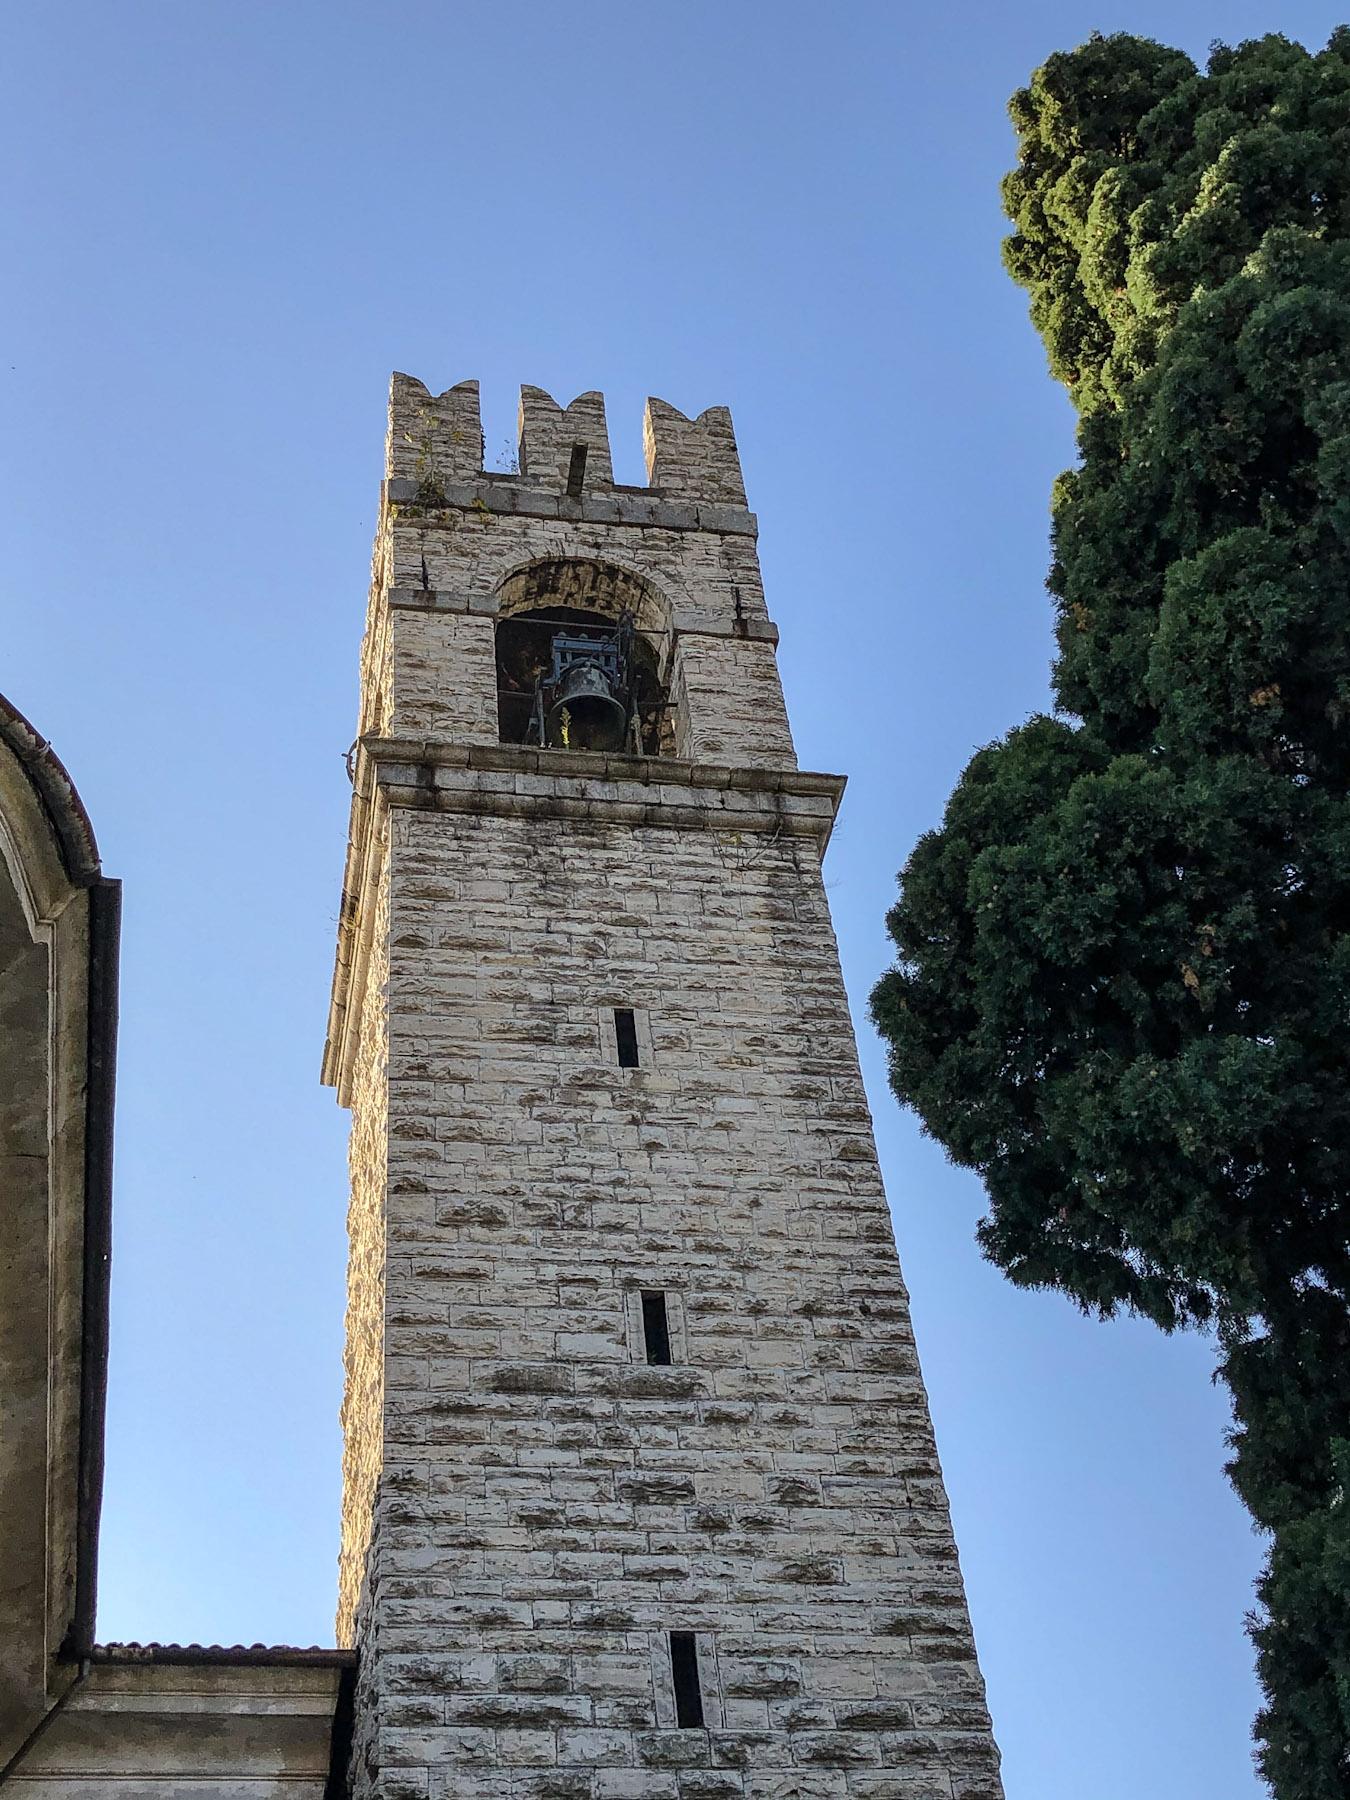 Campanile of Chiesa dei Santi Faustino e Giovita, Siviano Monte Isola, Italy